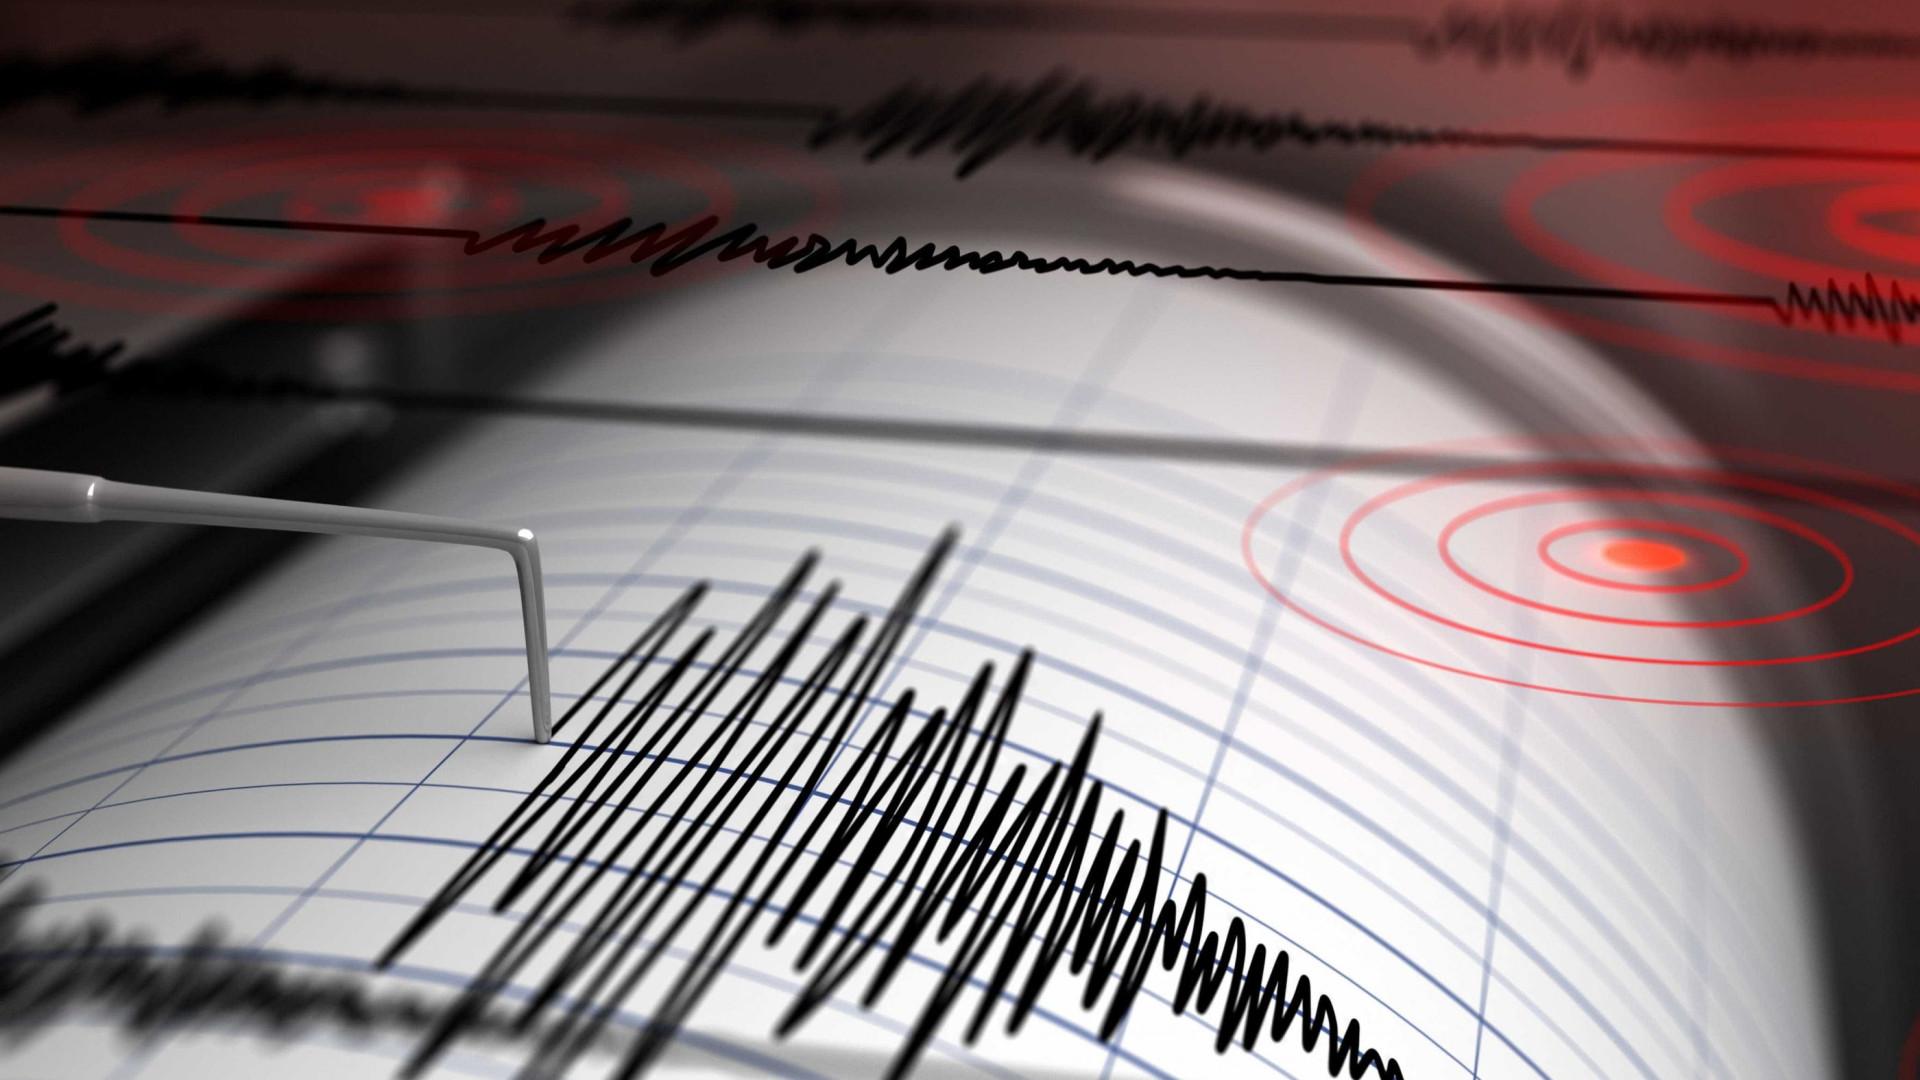 Terremoto de magnitude 7.5 atinge o Equador